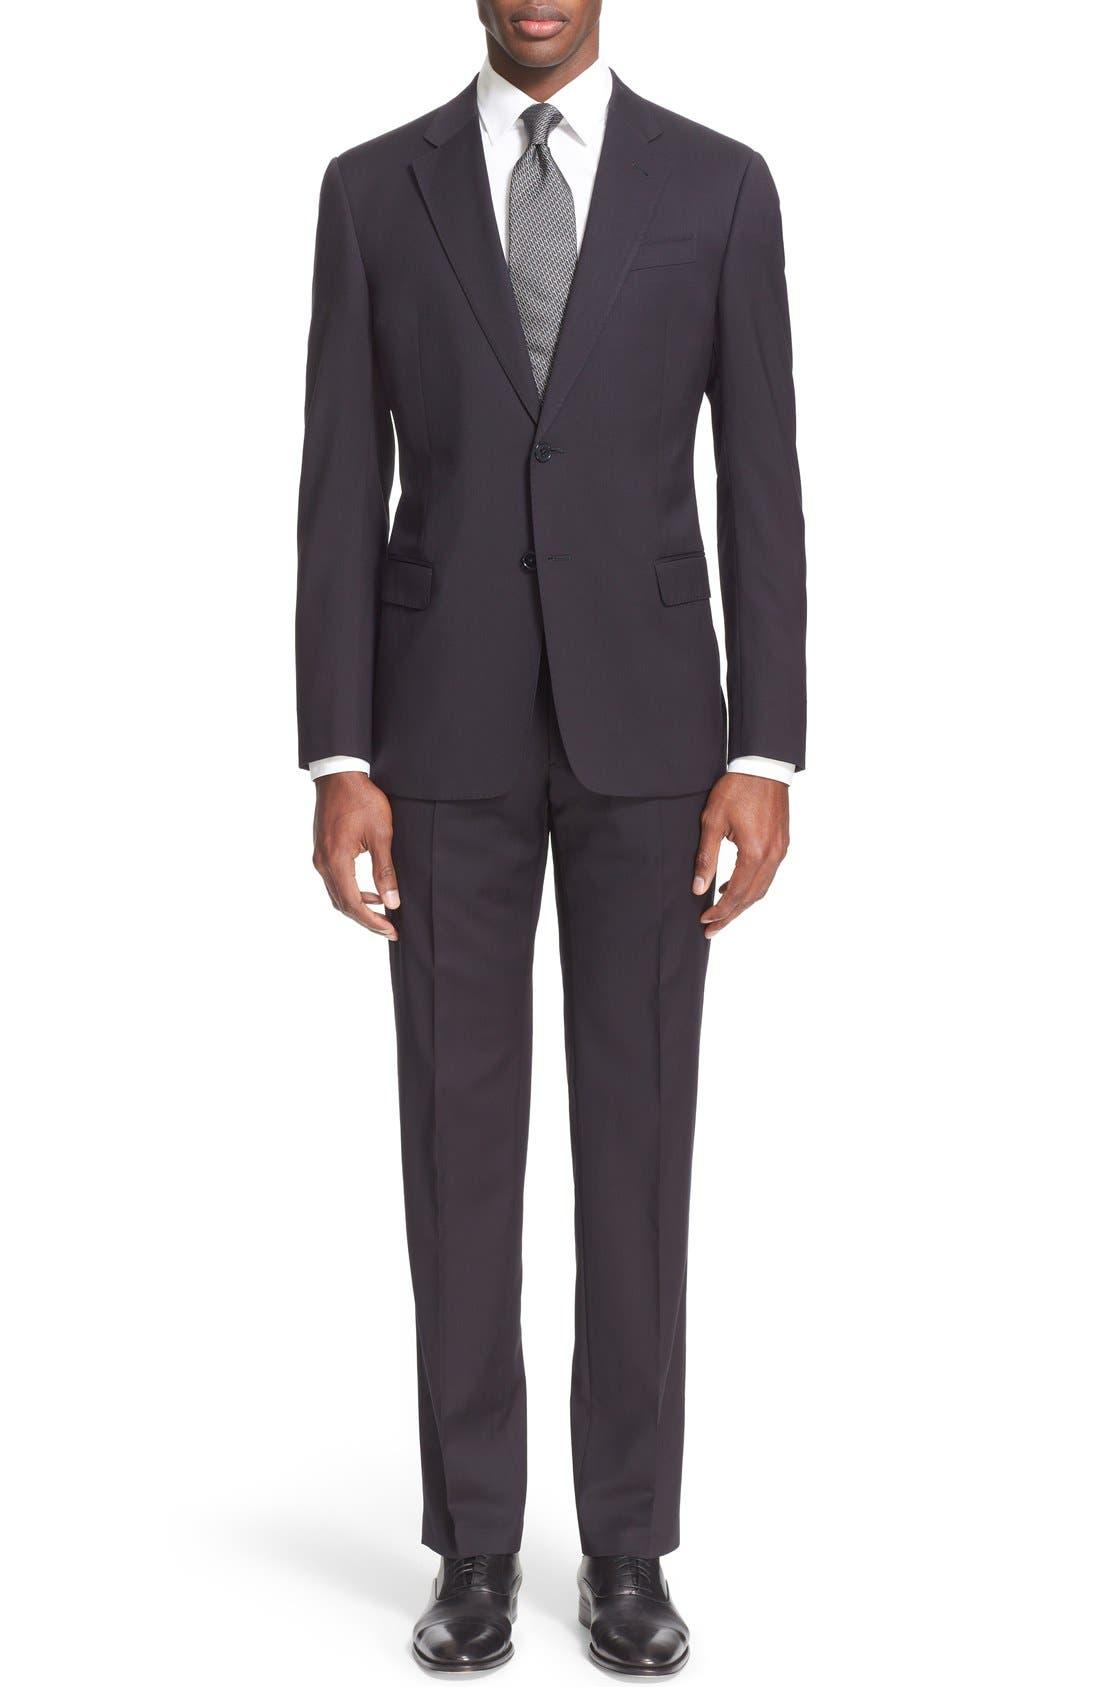 Main Image - Armani Collezioni'G-Line' Trim Fit Solid Wool Suit